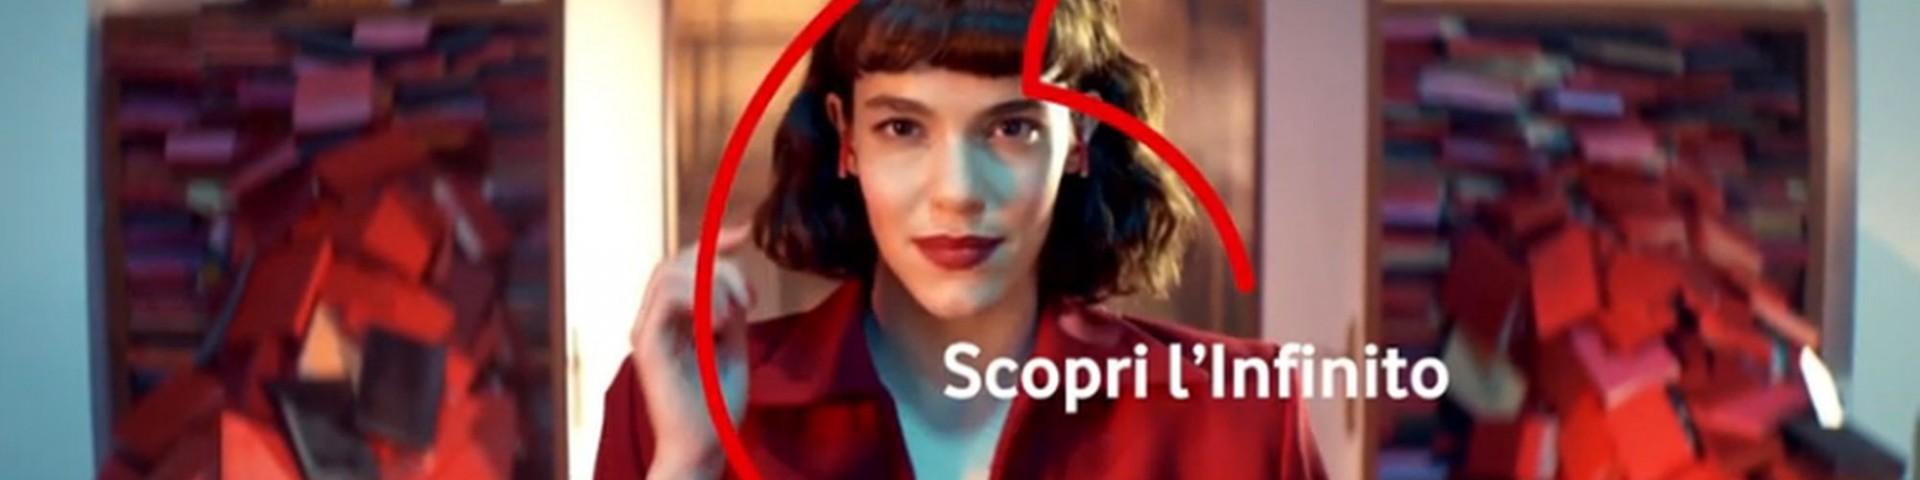 Pubblicità Vodafone (novembre 2019): di chi è la canzone che fa da colonna sonora?